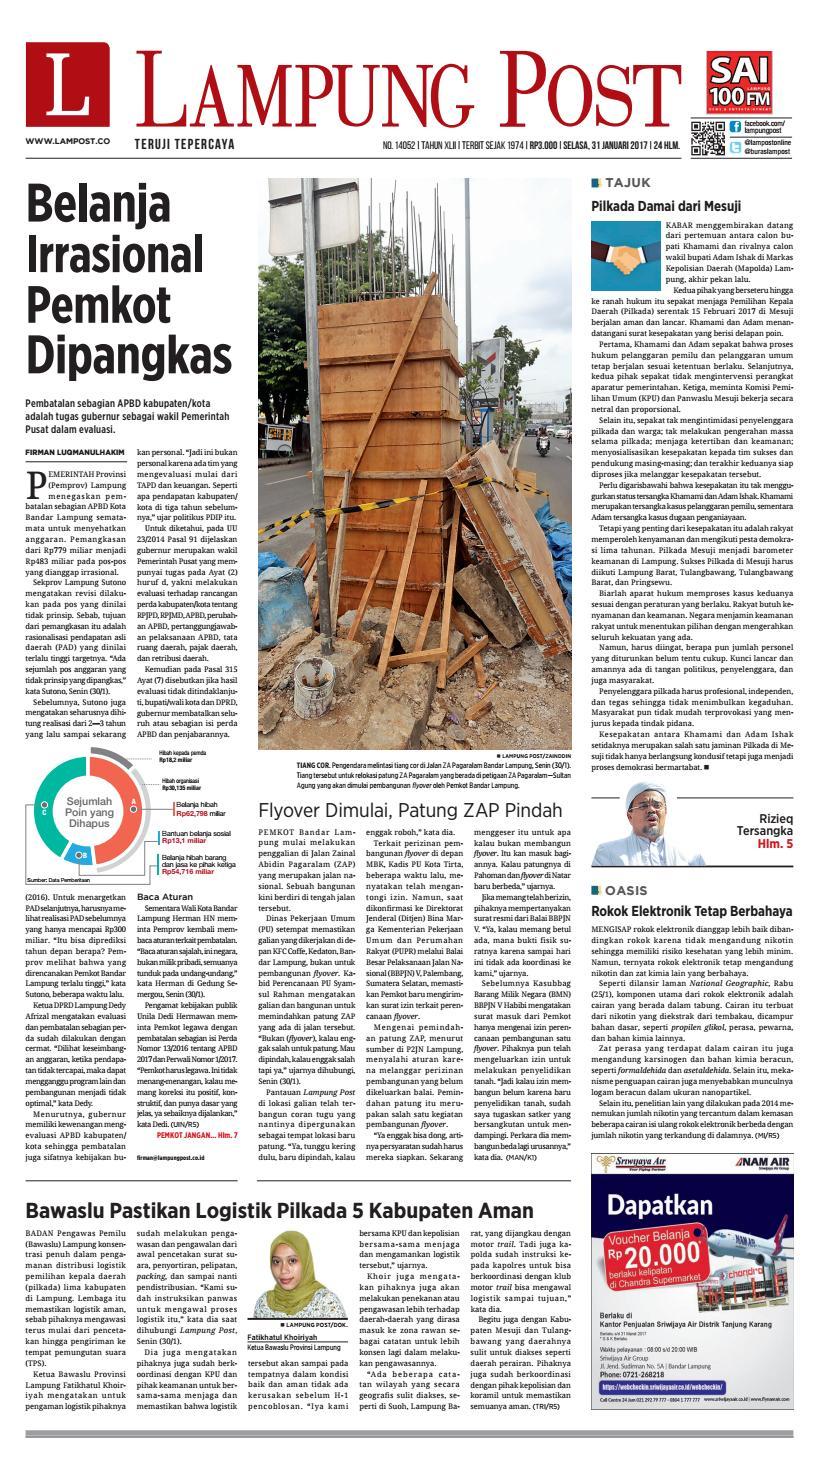 Lampung Post Selasa 31 Januari 2017 By Issuu Produk Ukm Bumn Sulam Usus Pmk